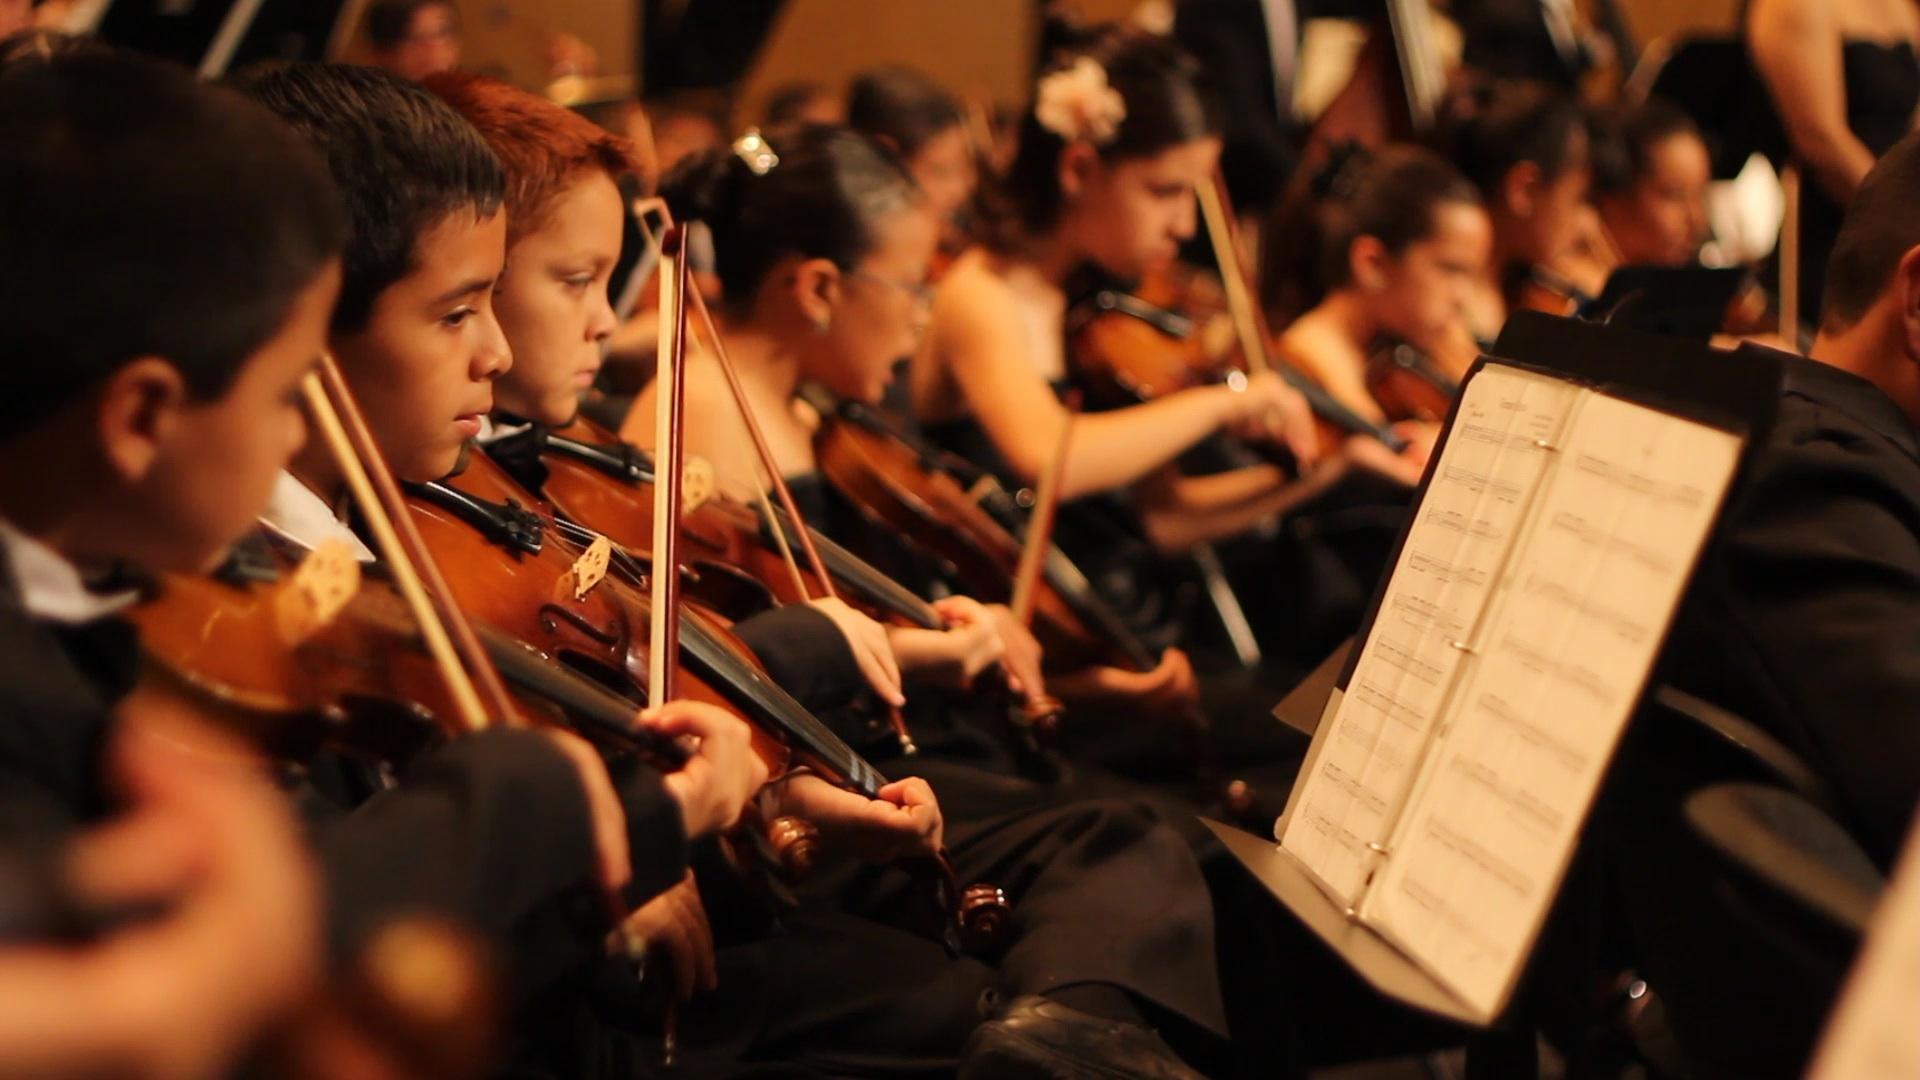 Buscan fomentar creación musical para orquestas infantiles y juveniles imagen